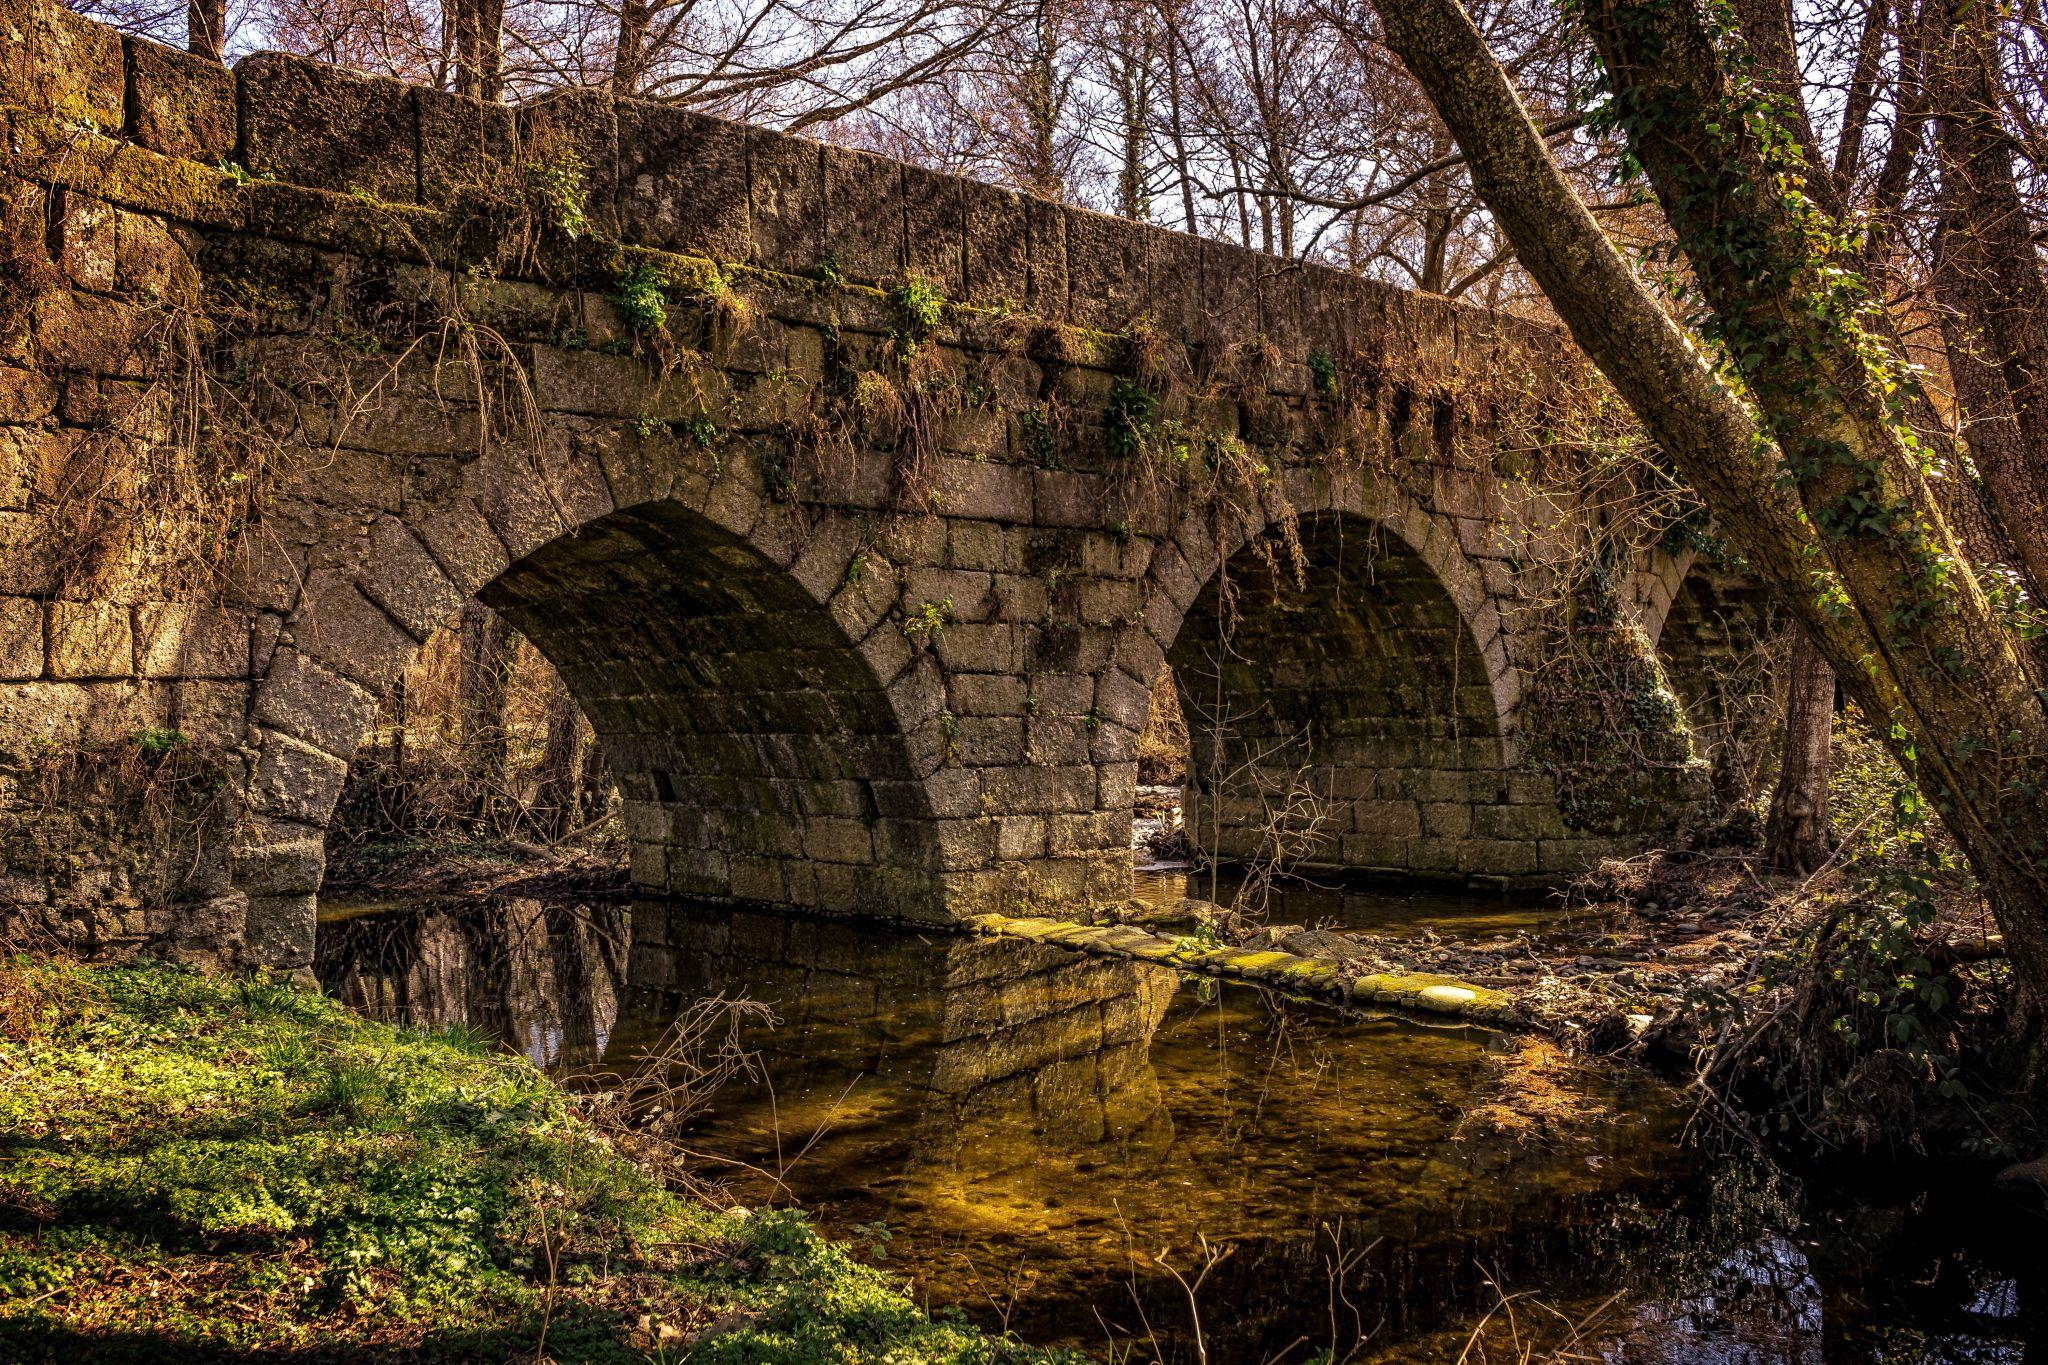 Puente de la Magdalena, Spain